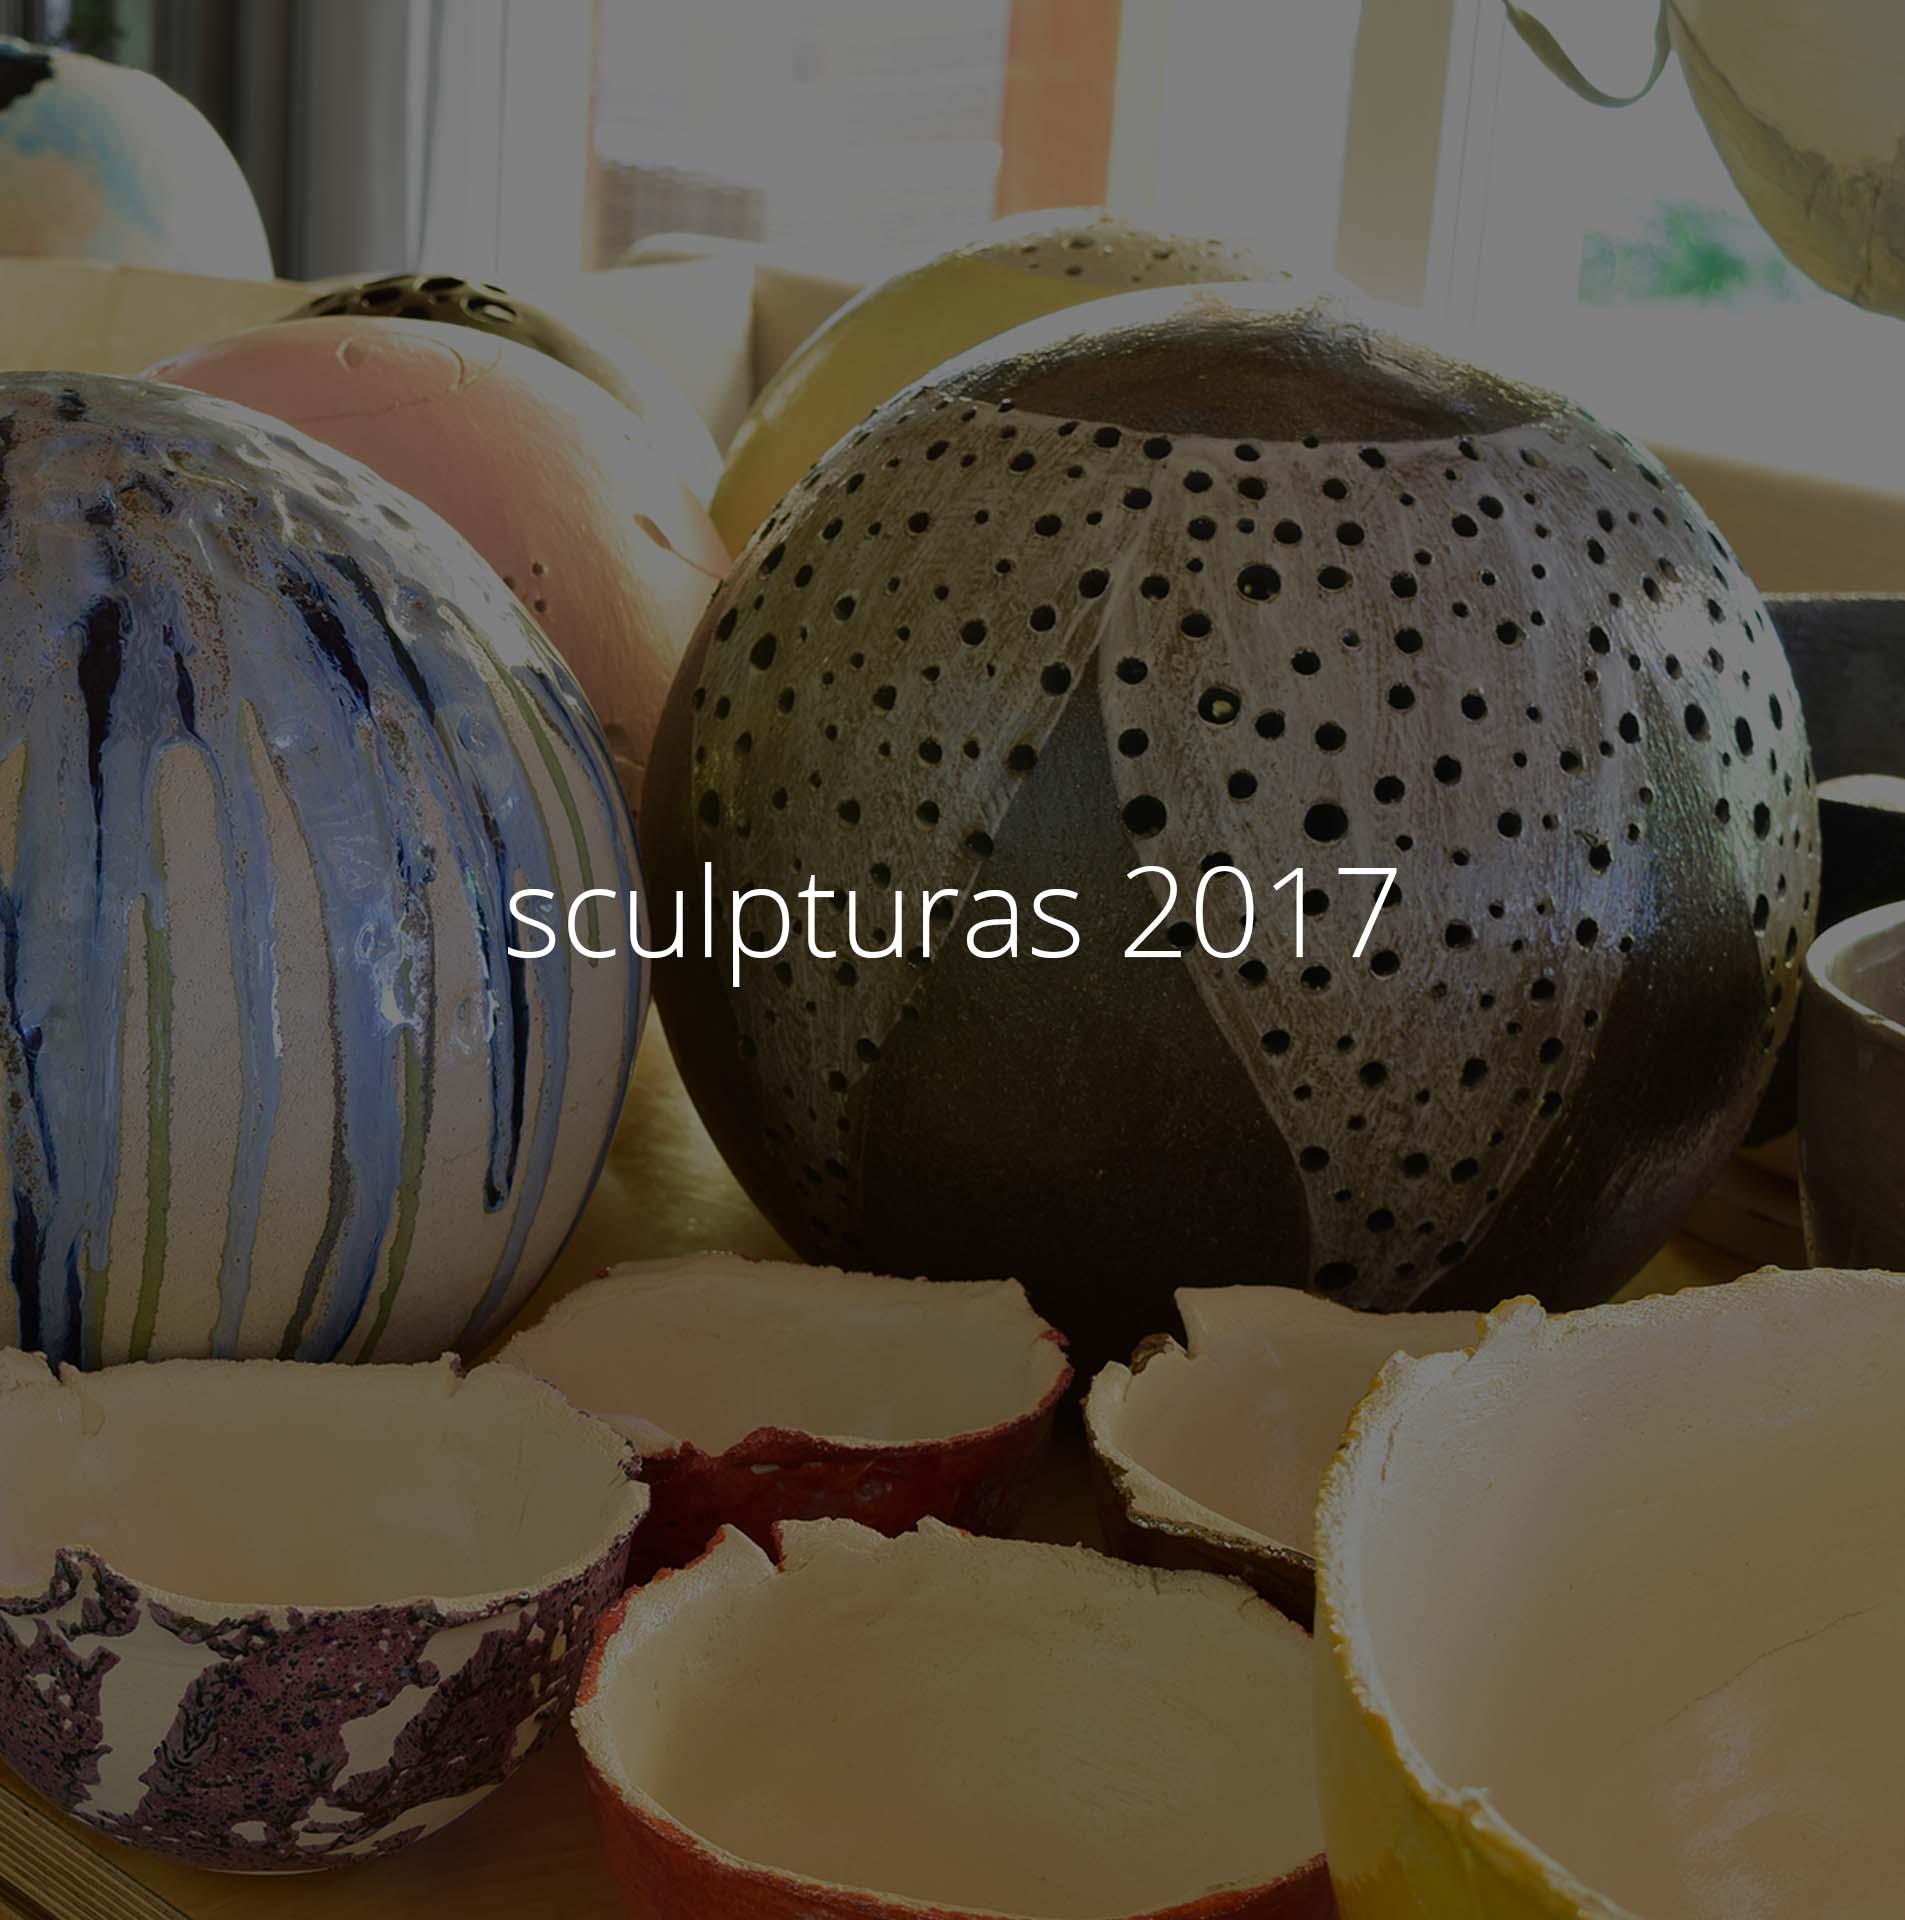 sculpturas 2017